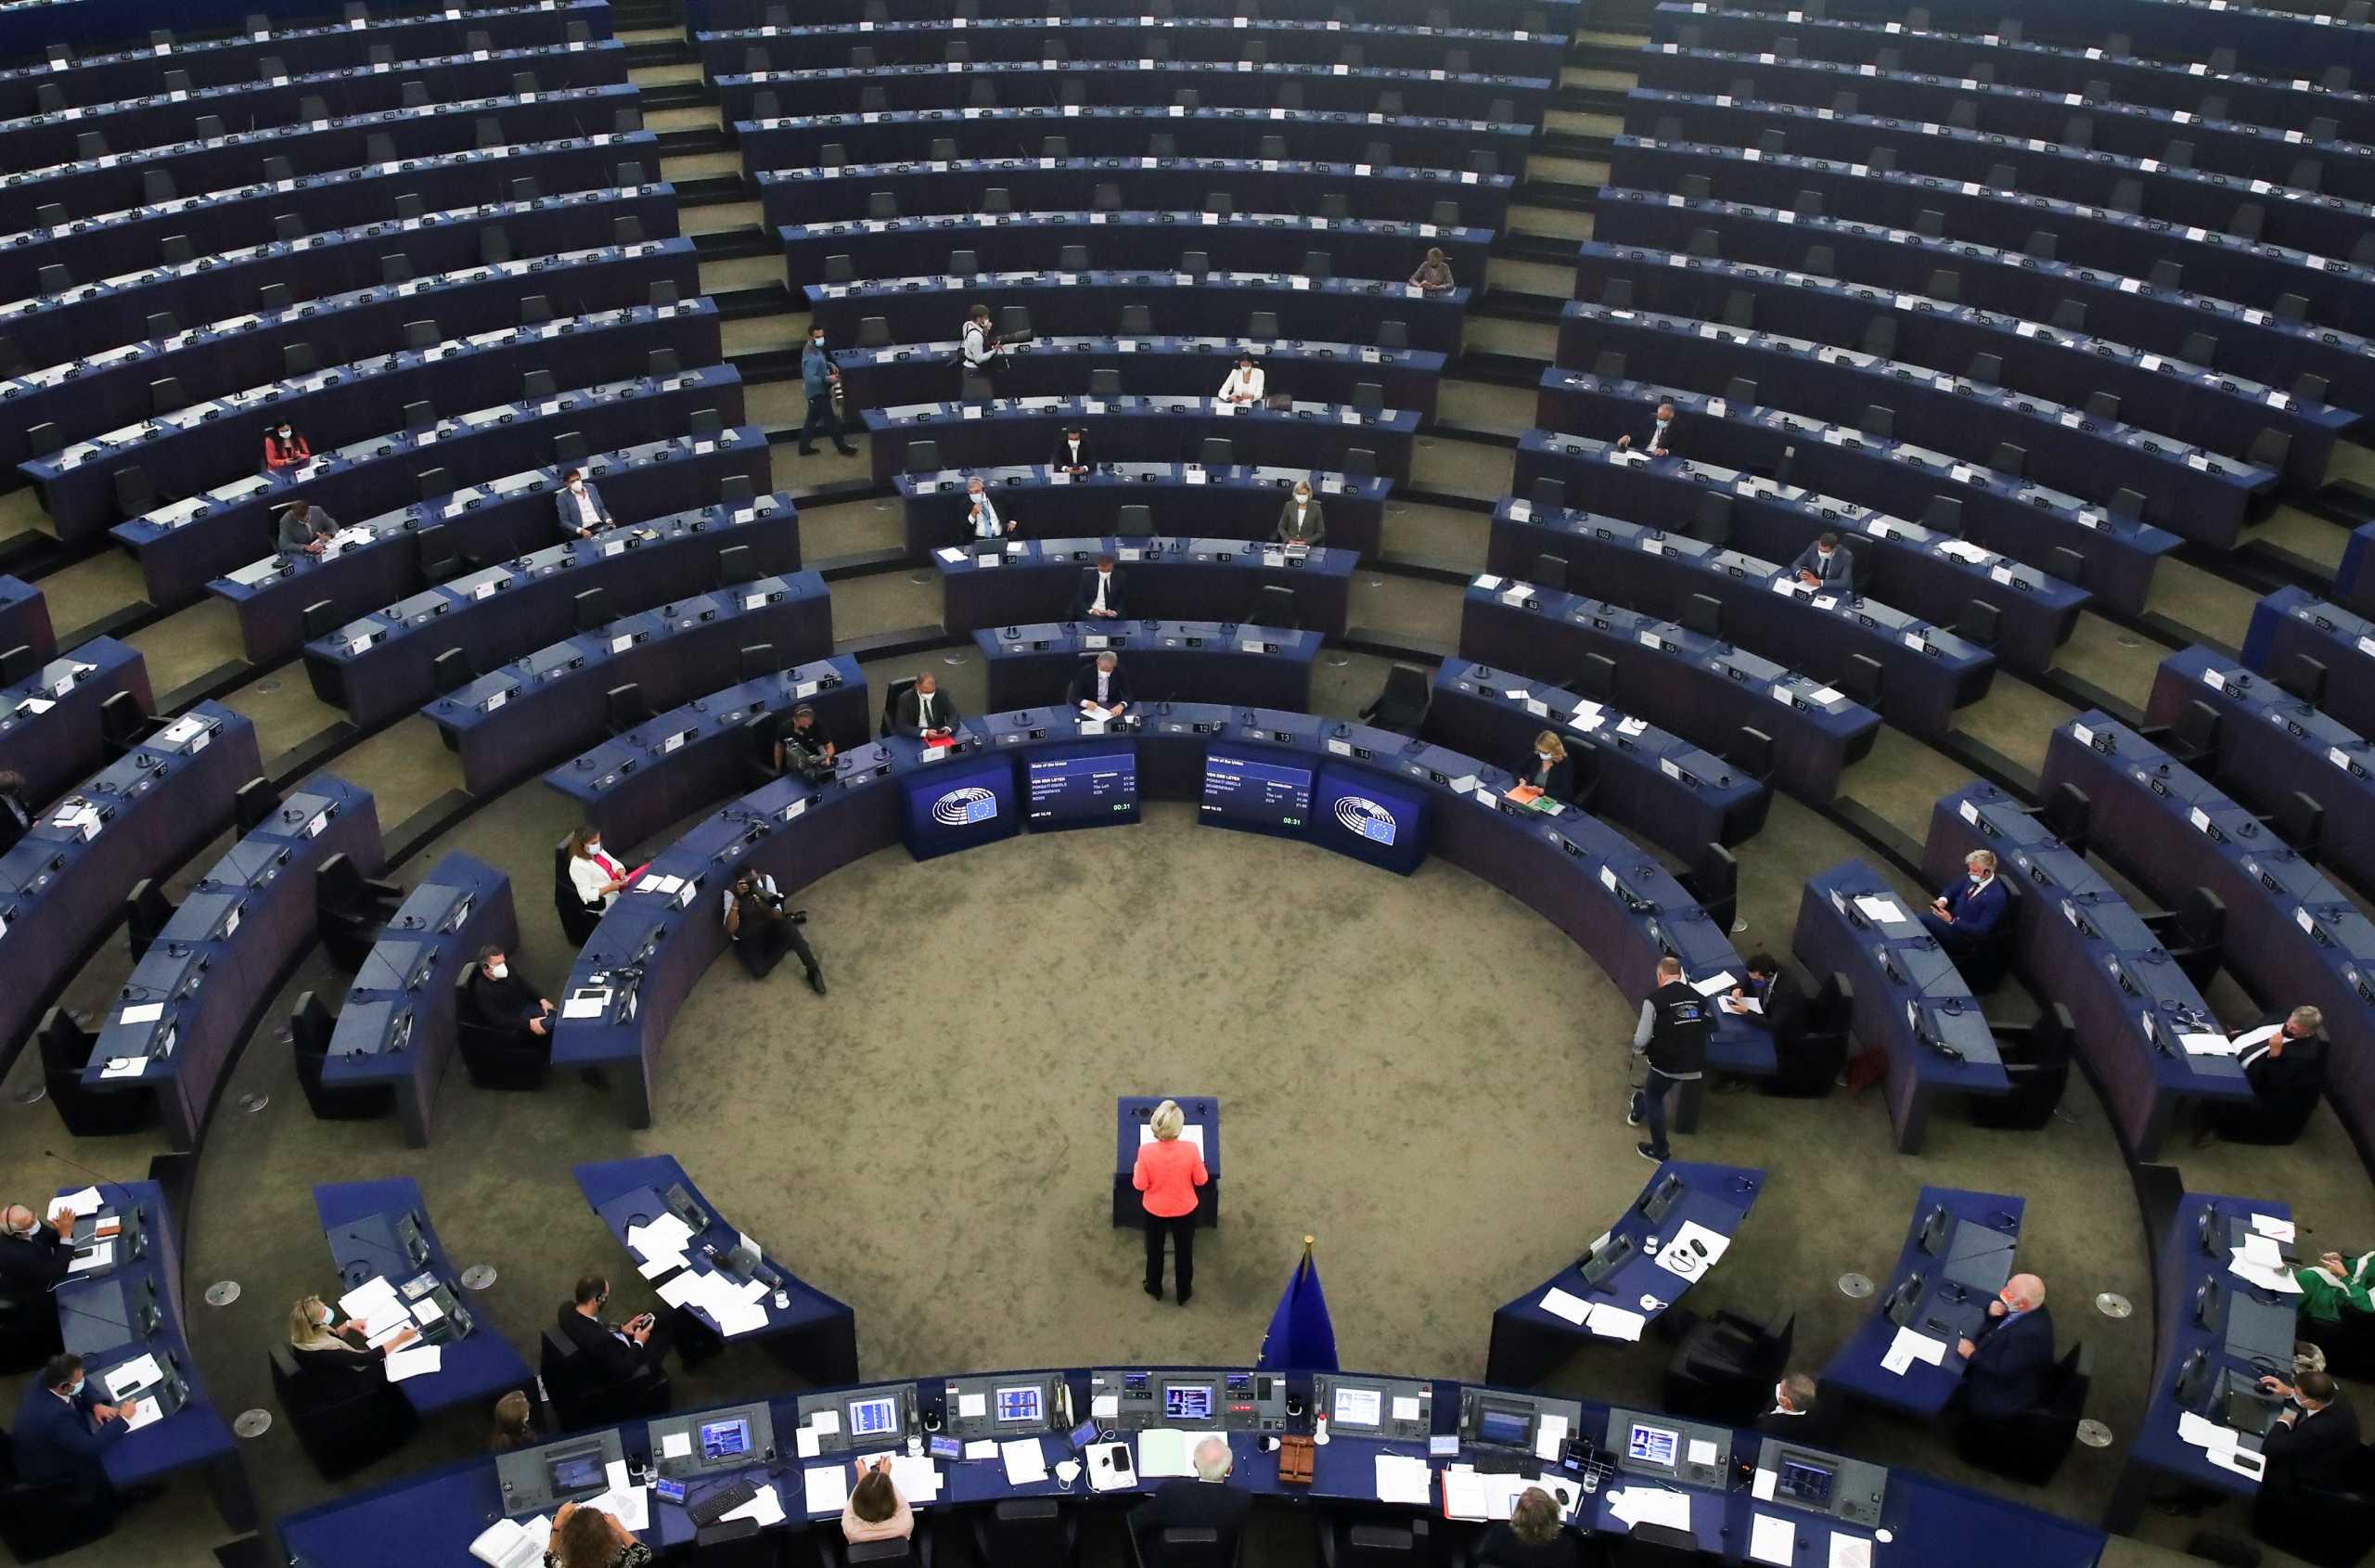 «Πράσινο φως» από το Ευρωπαϊκό Κοινοβούλιο για το ταμείο που θα μετριάσει τον αντίκτυπο του Brexit